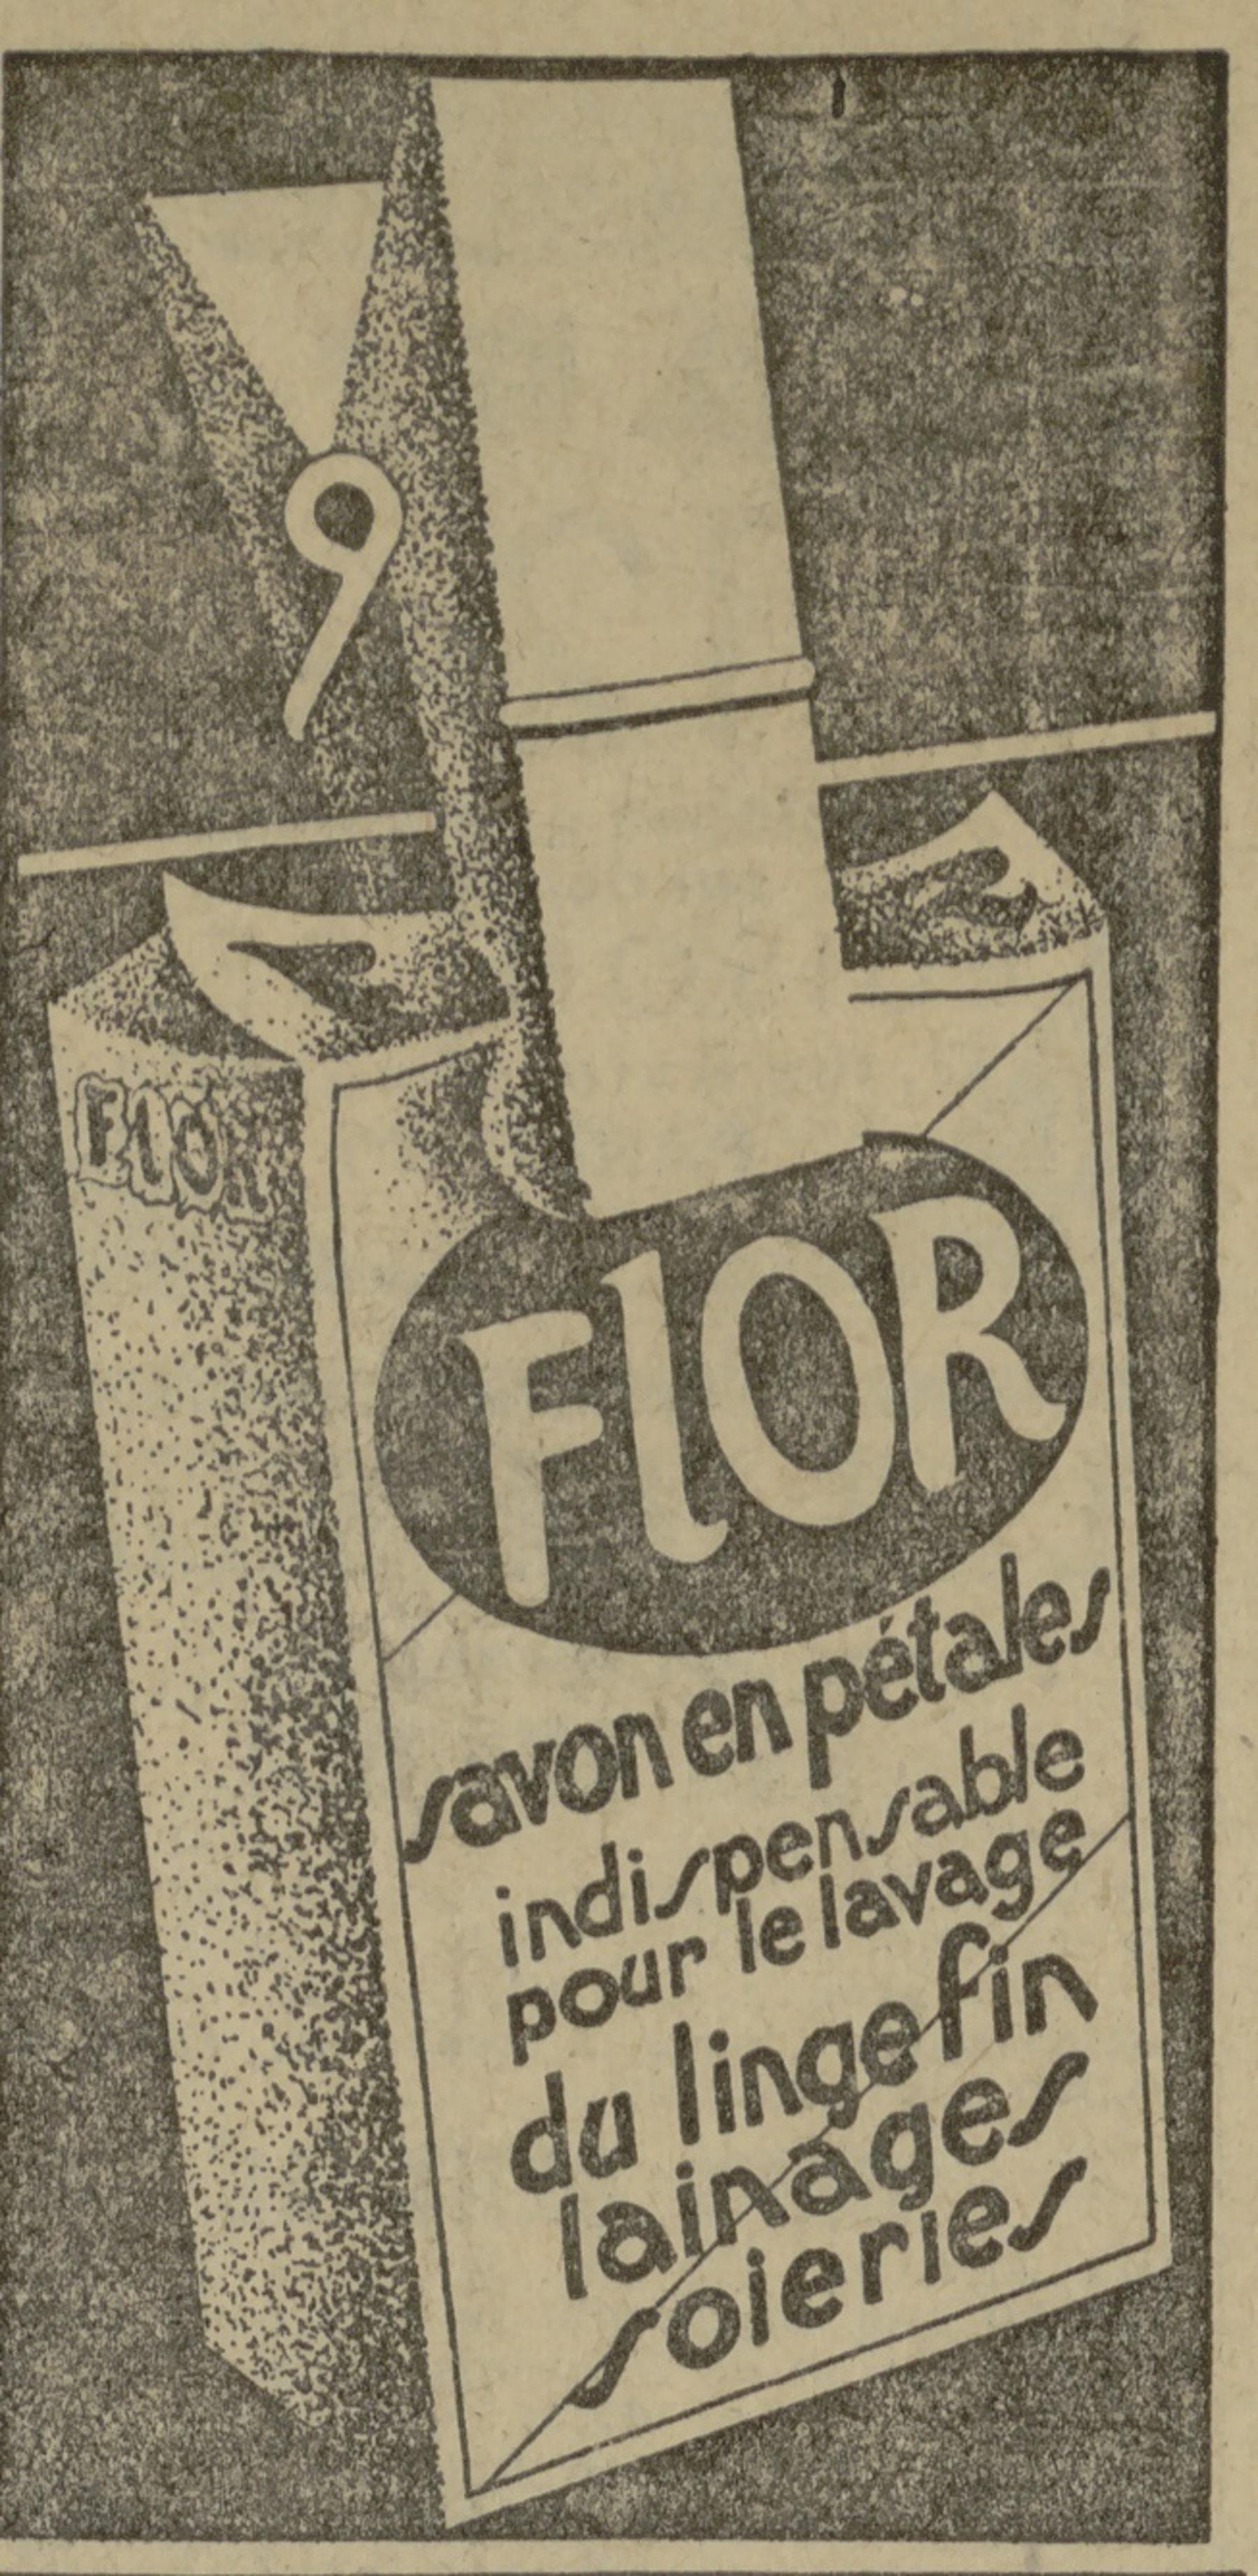 Contenu du Flor